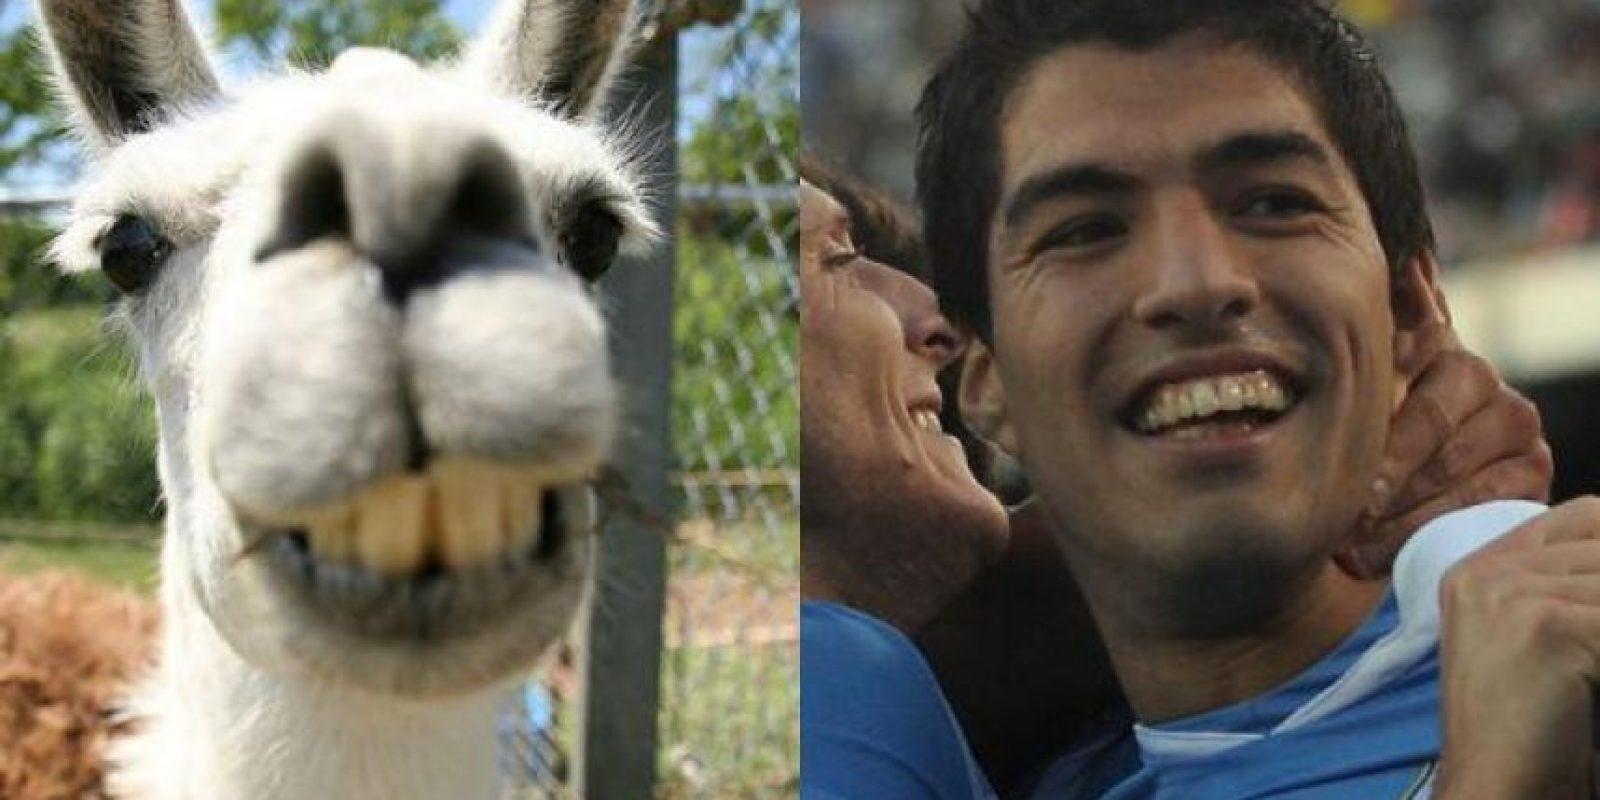 ¿Se parecen? Luis Suárez y esta llama. Foto:http://footyjokes.net